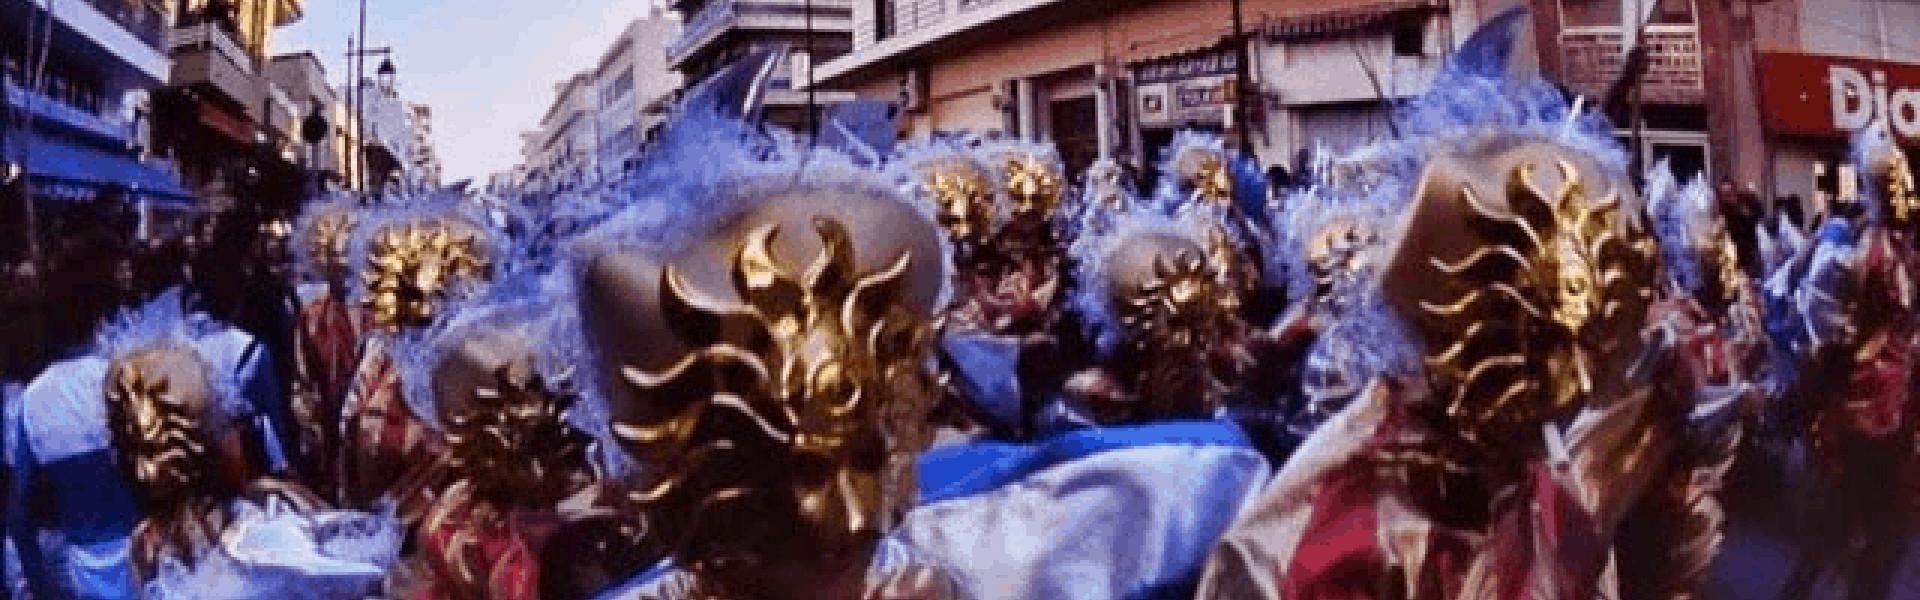 Καρναβάλι Λουτρακίου Πολιτιστικές εκδηλώσεις